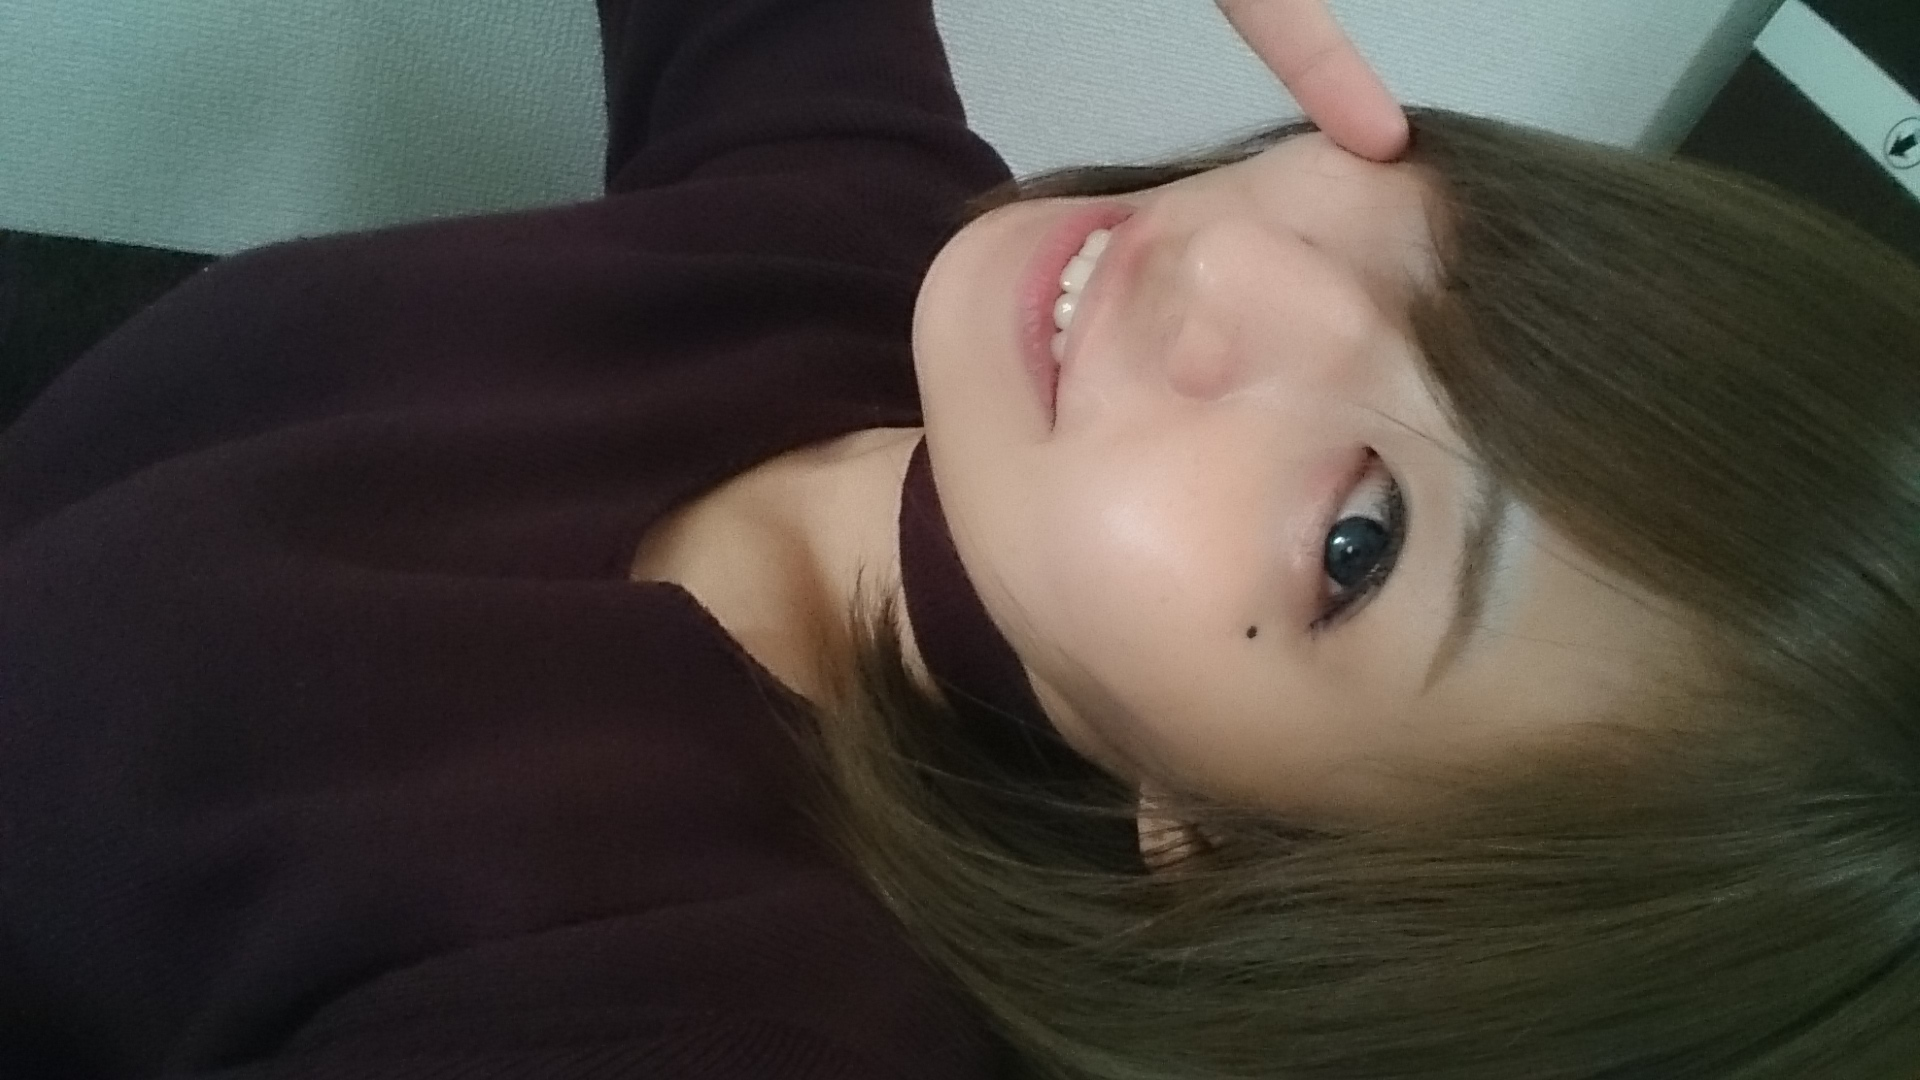 るい「☆おひさしブリーフですです♡☆」01/25(水) 21:53 | るいの写メ・風俗動画